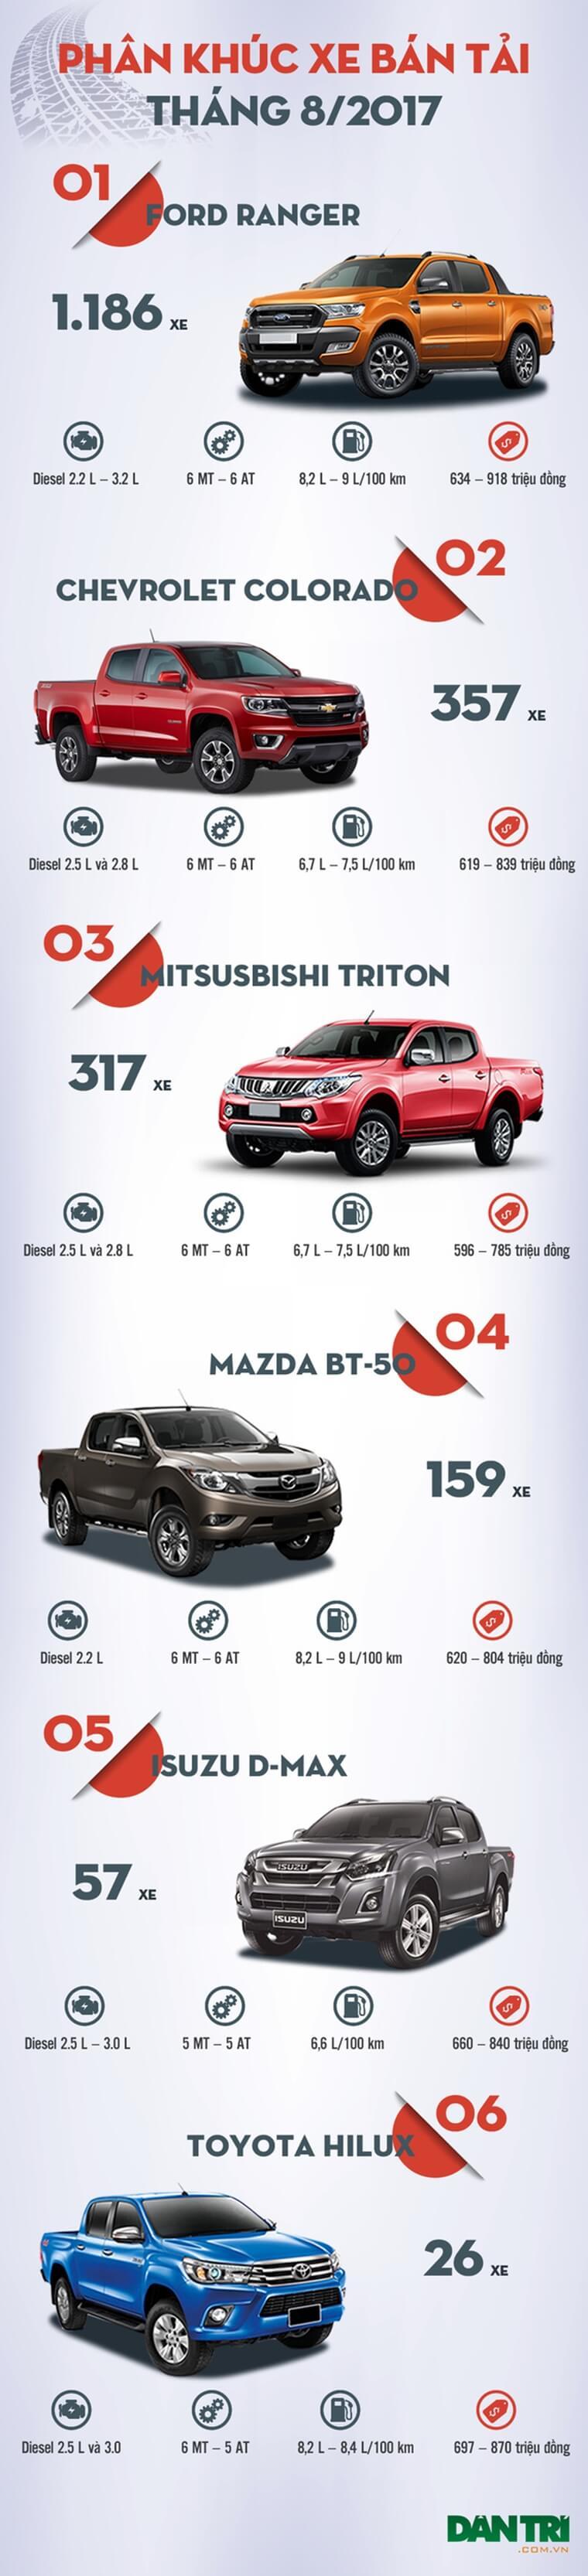 Bảng xếp hạng xe bán tải tháng 8/2017